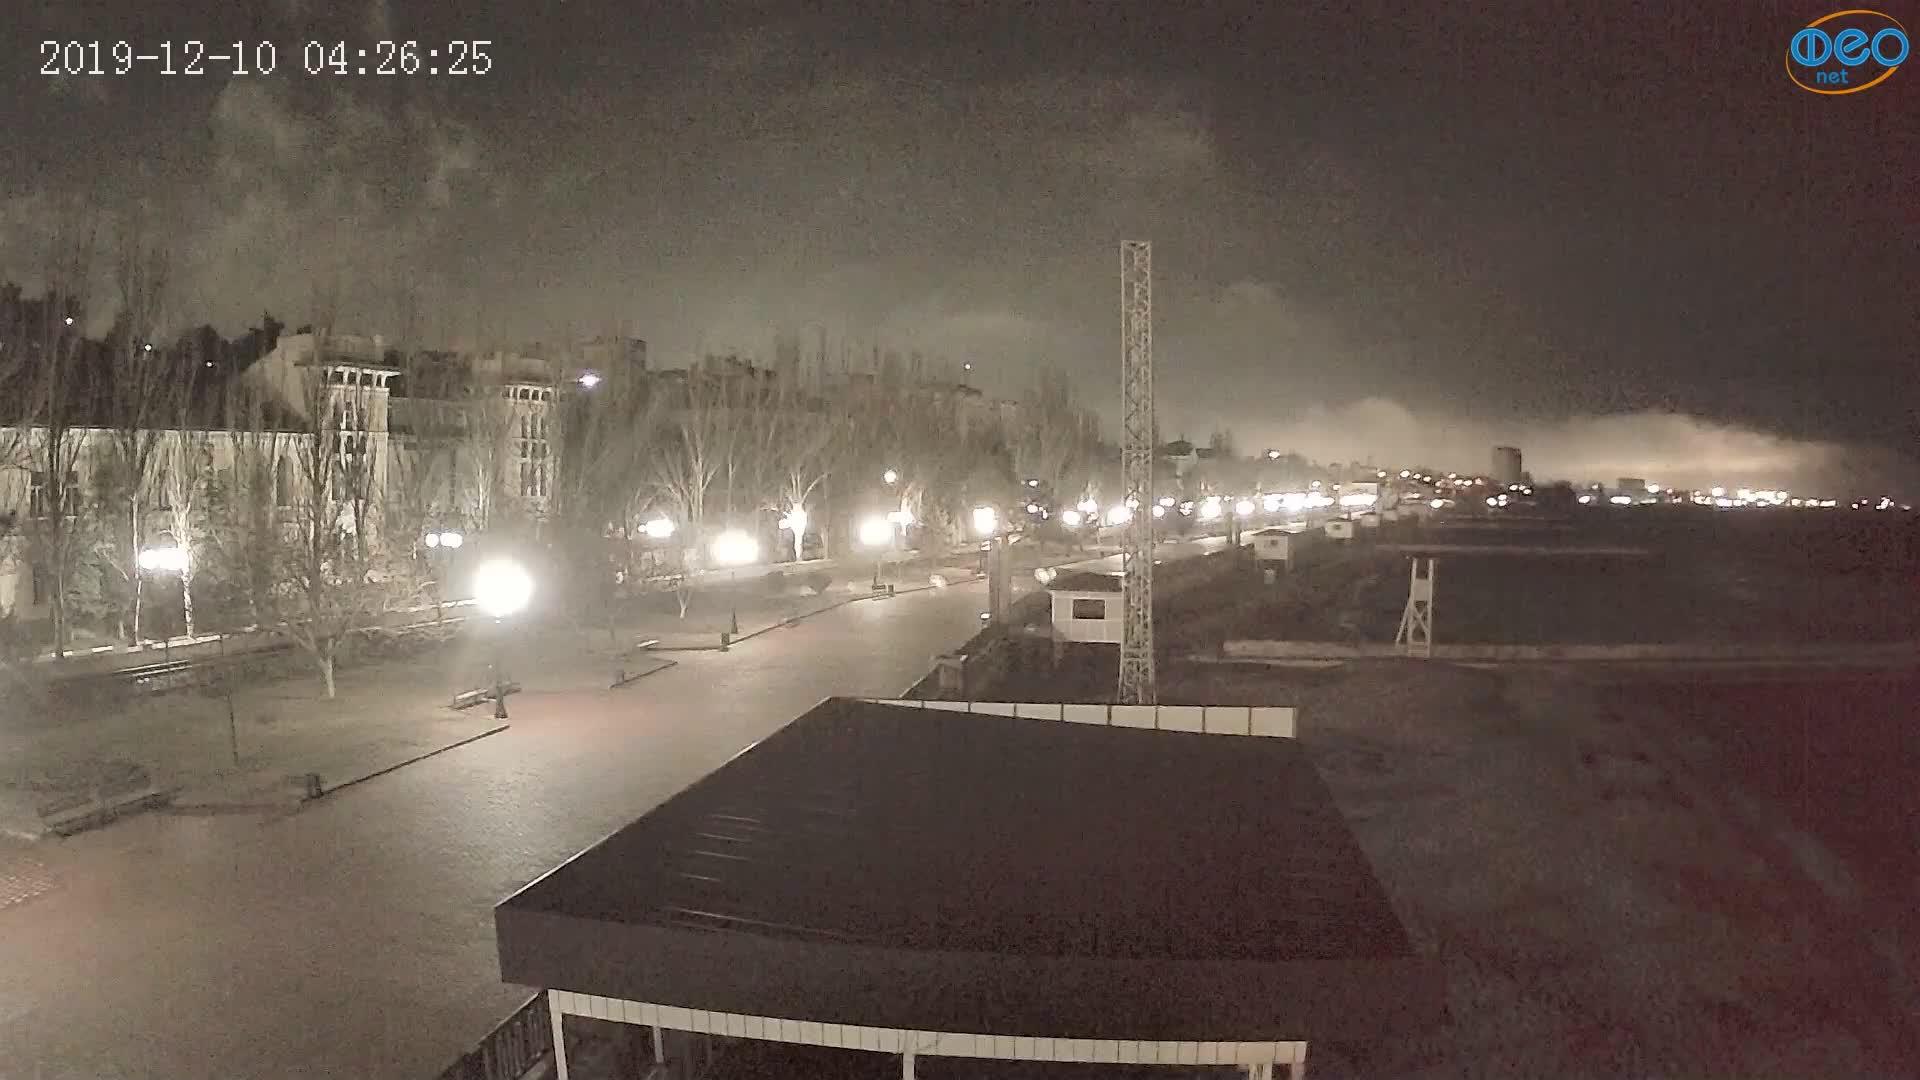 Веб-камеры Феодосии, Пляж Камешки, 2019-12-10 04:26:49